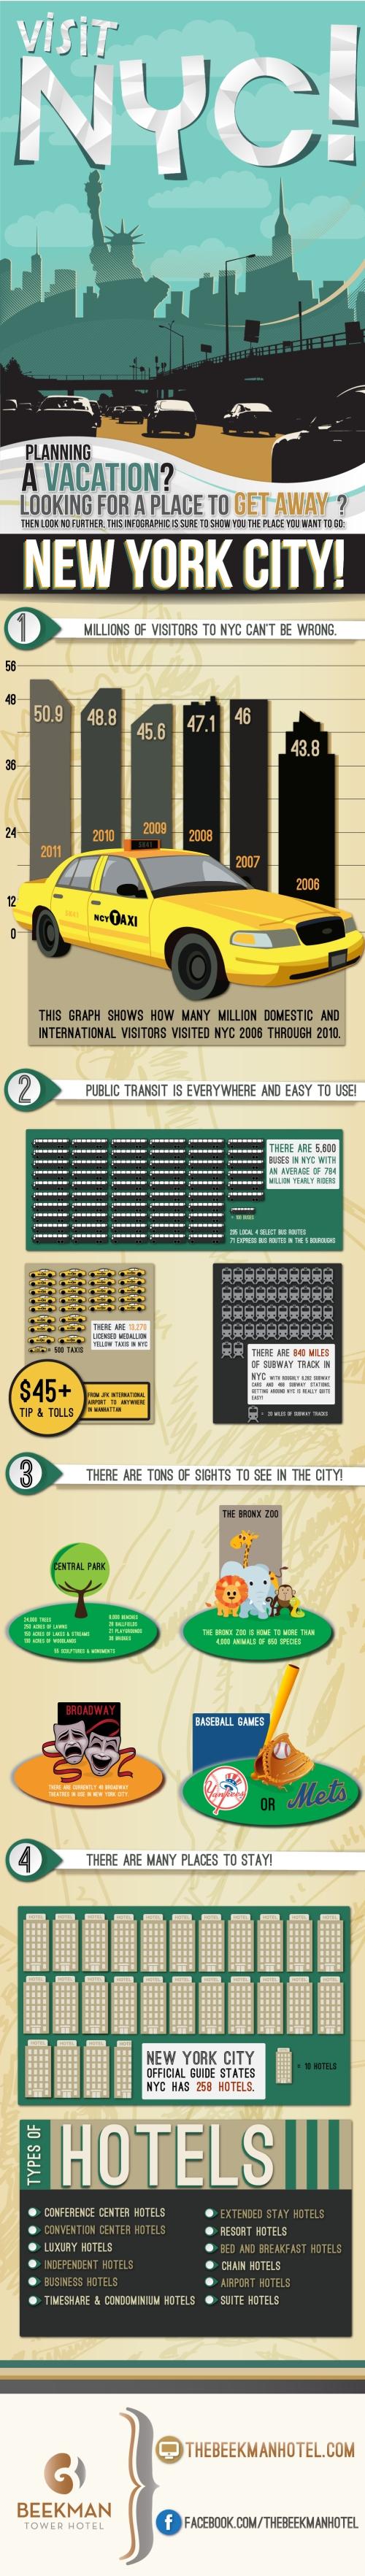 TheBeekmanTowerHotel-infographic-02